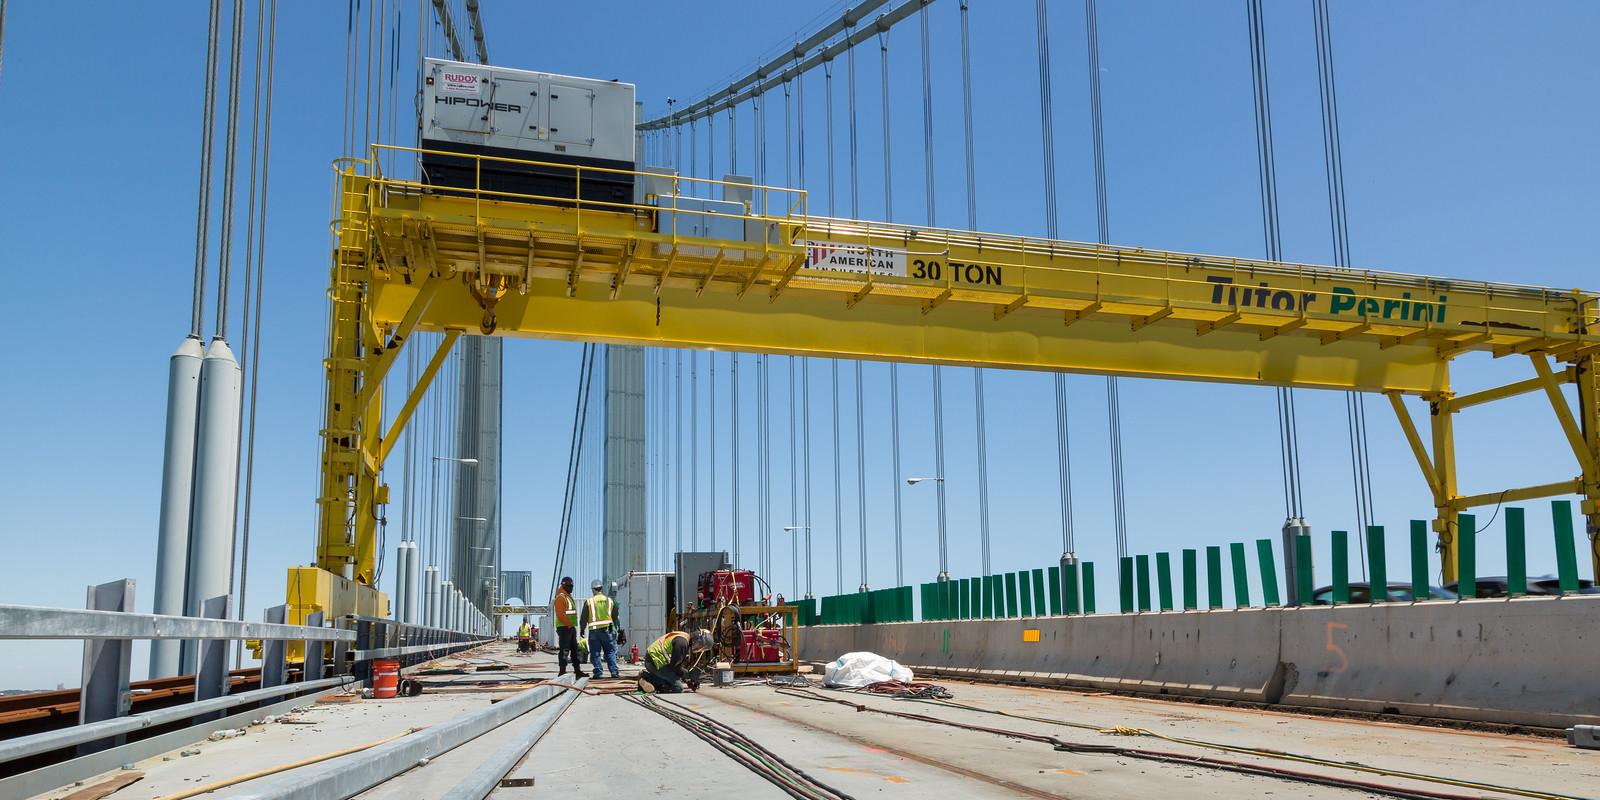 Verrazano Narrows Bridge Deck Replacement